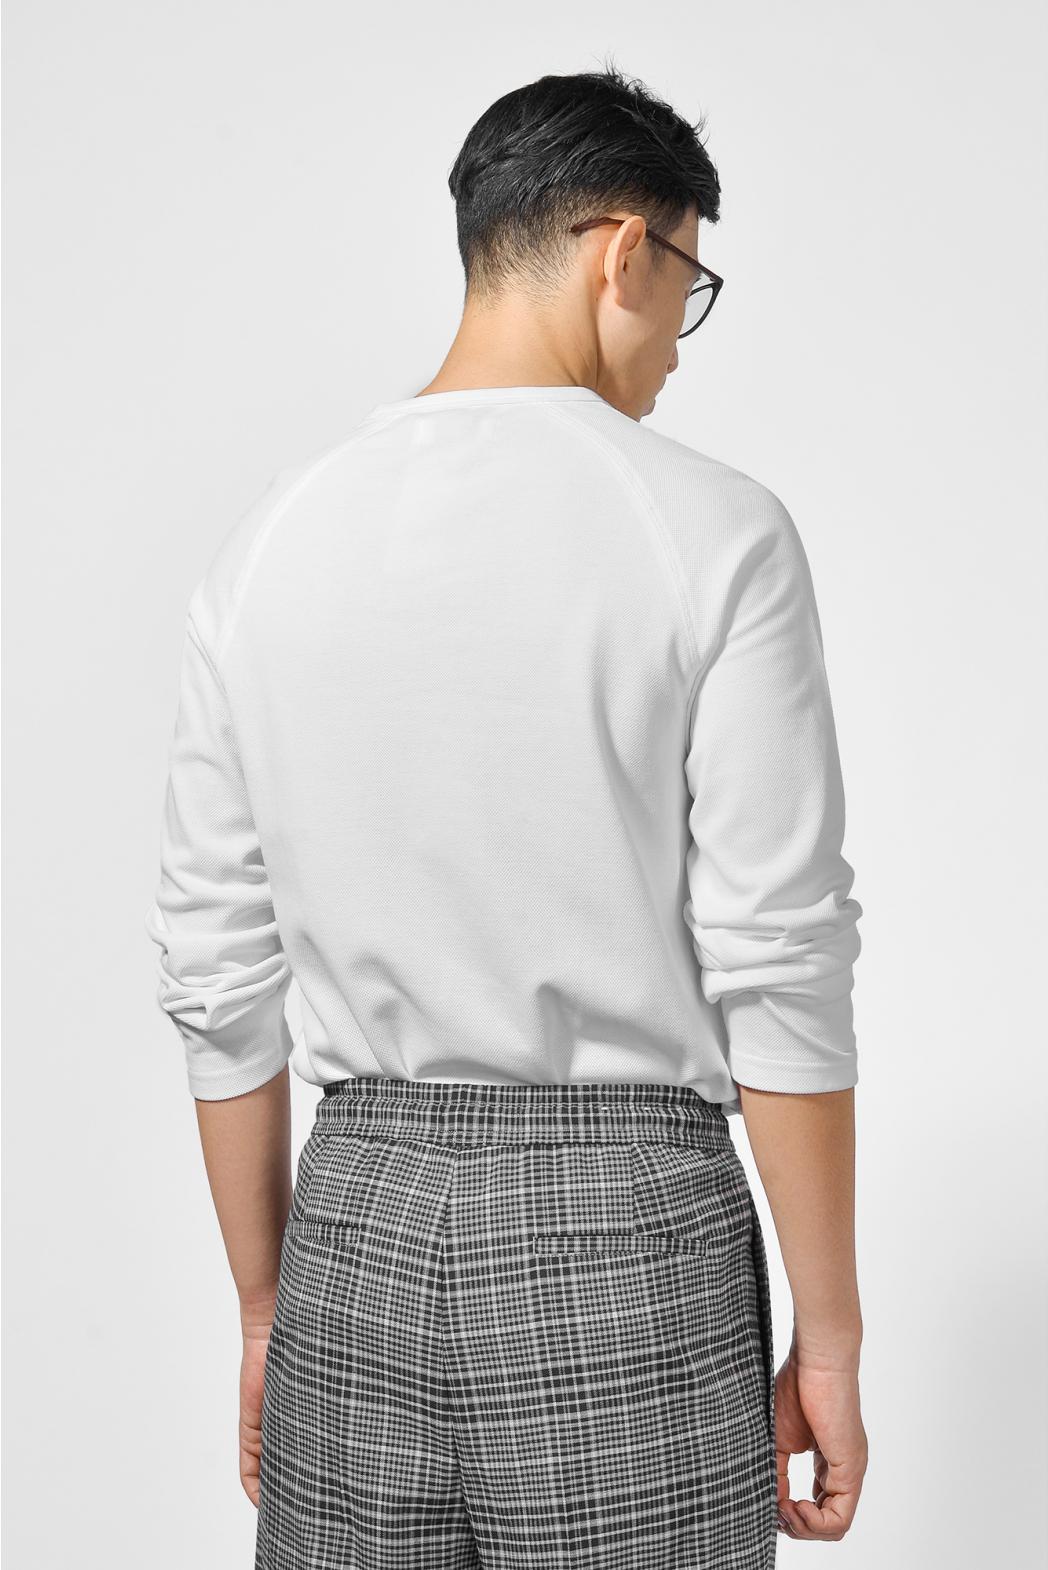 Áo thun tay dài, có túi. REGULAR form - 10F20TSH047